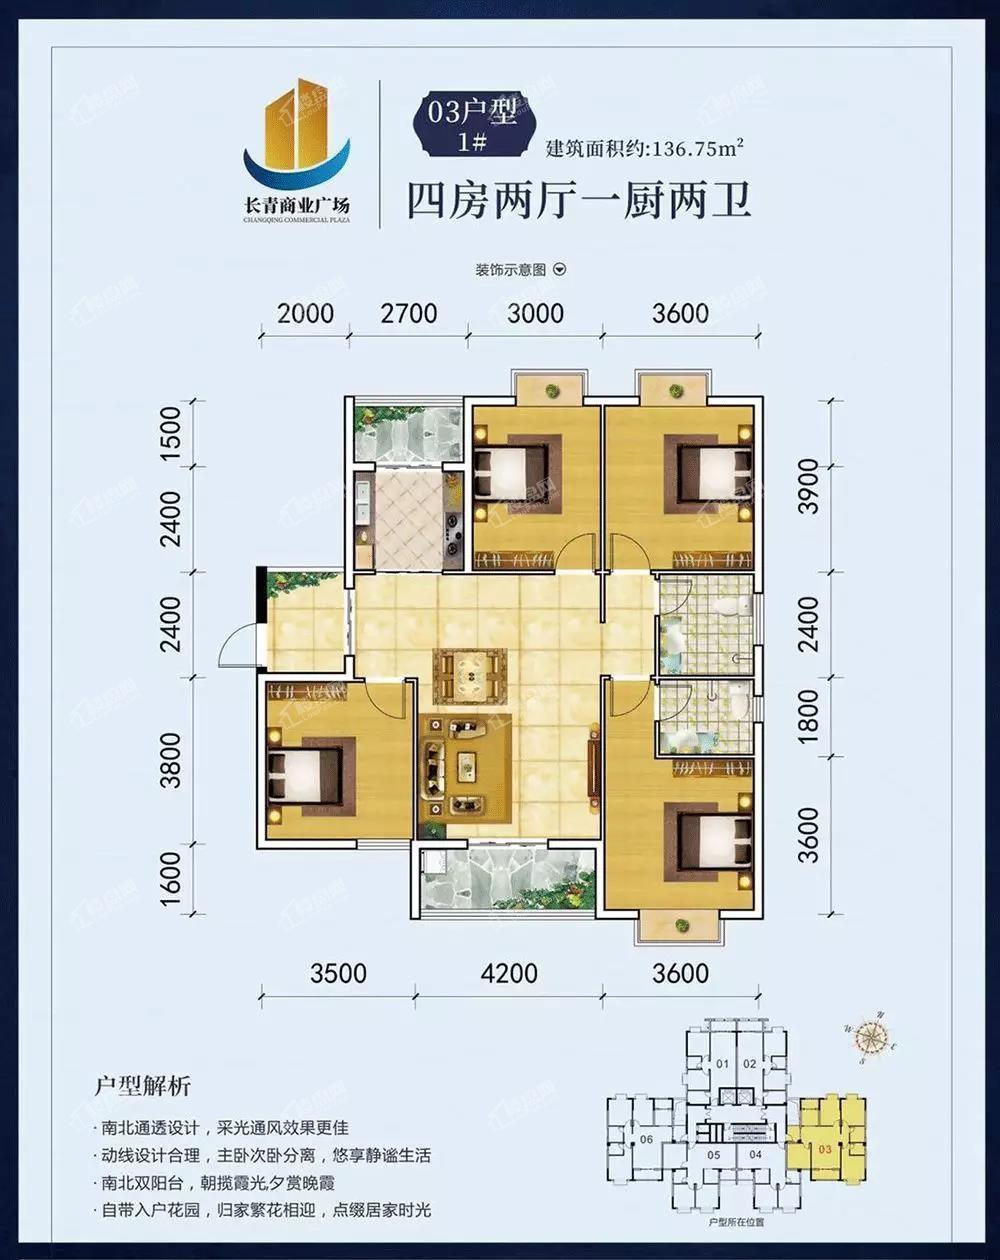 长青商业广场1#03户型四房两厅两卫136.75㎡